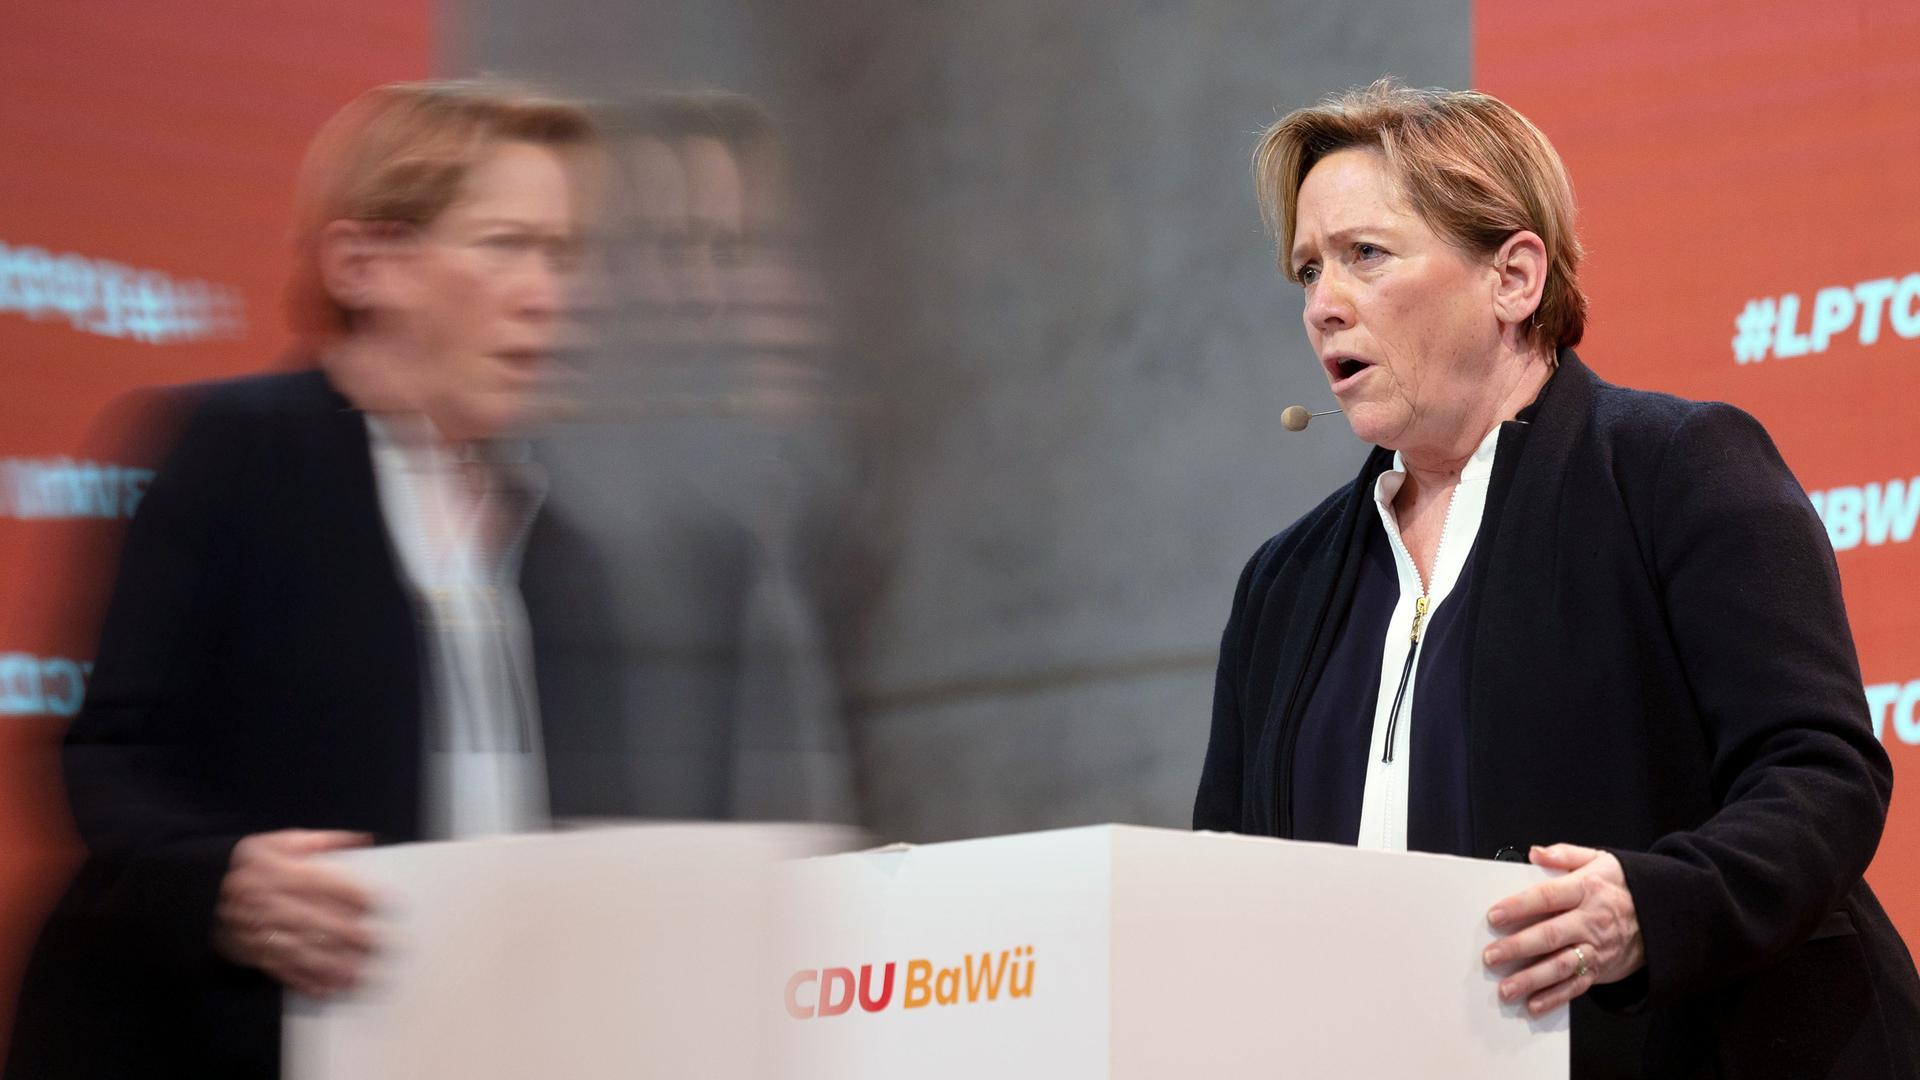 Susanne Eisenmann, Spitzenkandidatin der baden-württembergischen CDU für die kommende Landtagswahl, spiegelt sich beim Online-Parteitag der CDU Baden-Württemberg in einem Bildschirm. +++ dpa-Bildfunk +++